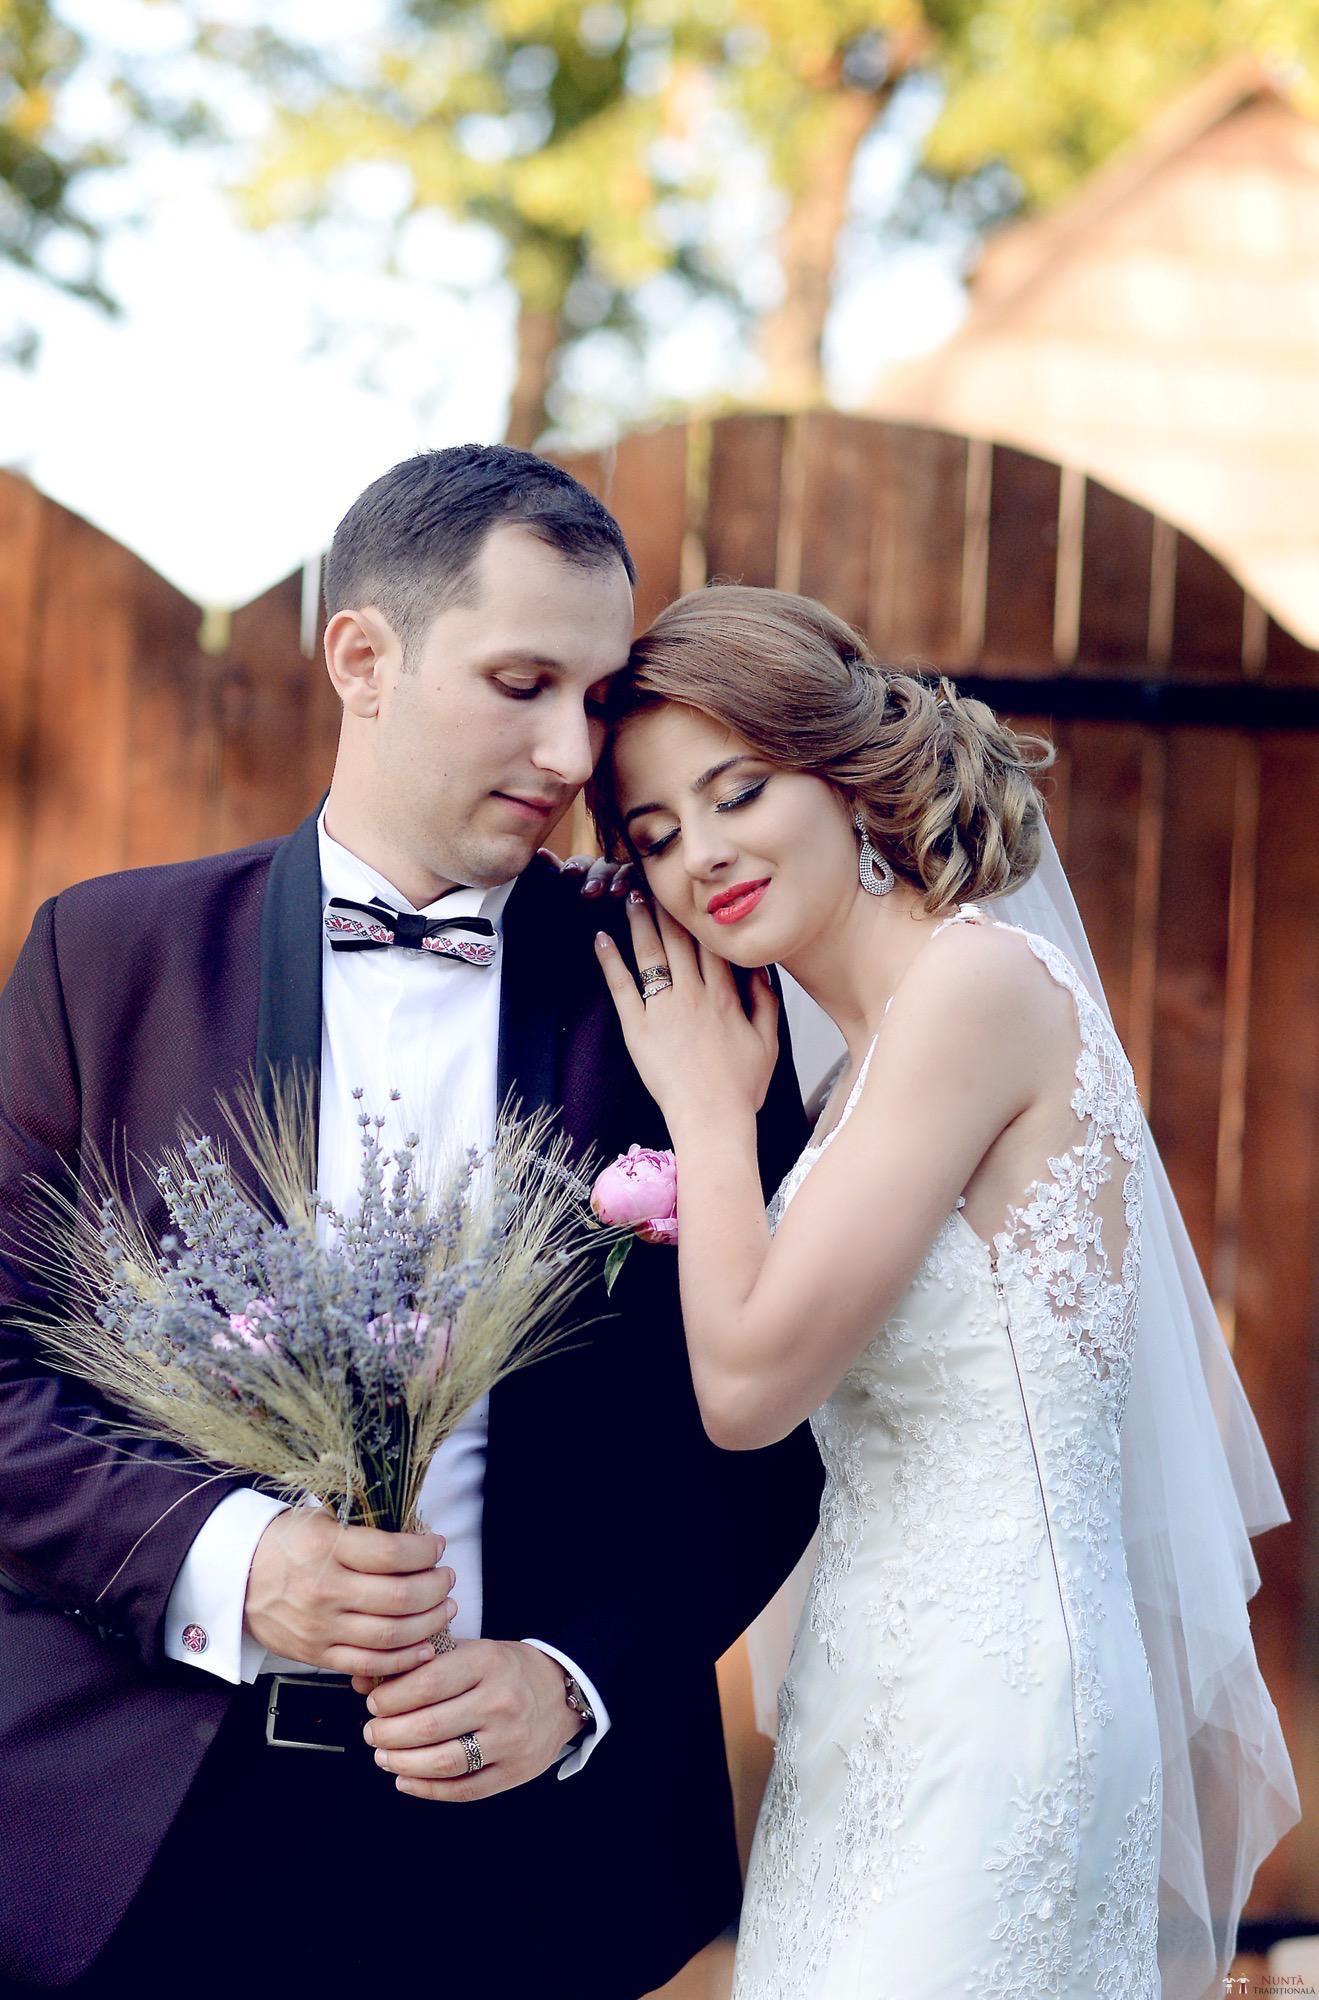 Povești Nunți Tradiționale - Iulia și Andrei. Nuntă tradițională în Bucovina. 81